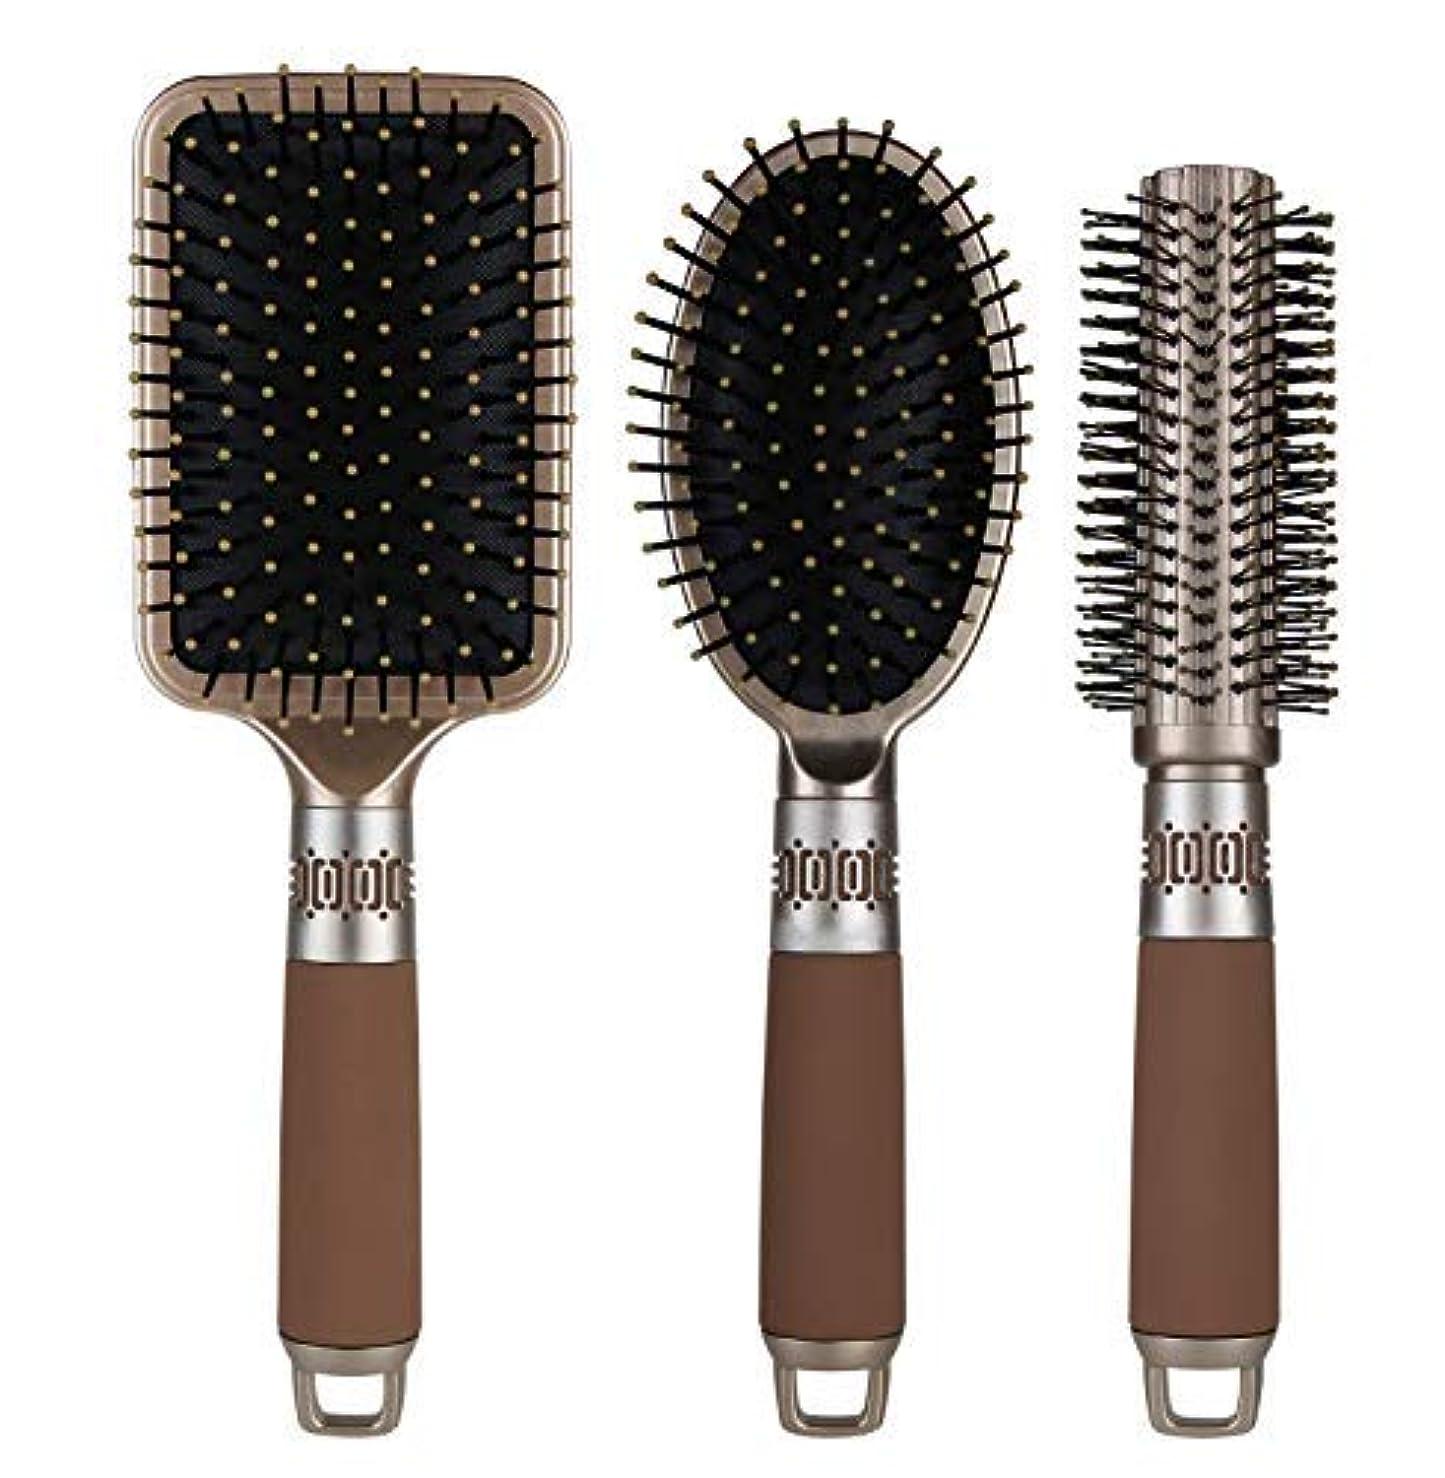 ぼかす報いる遠洋のNVTED 3PCS Hair Combs, Massage Paddle Round Brush Hair Brushes Set Anti Static Detangling Air Cushion Bristle Combs Hairbrush Designed for Women& Men,for Wet, Dry, Thick, Thin, Curly hair [並行輸入品]